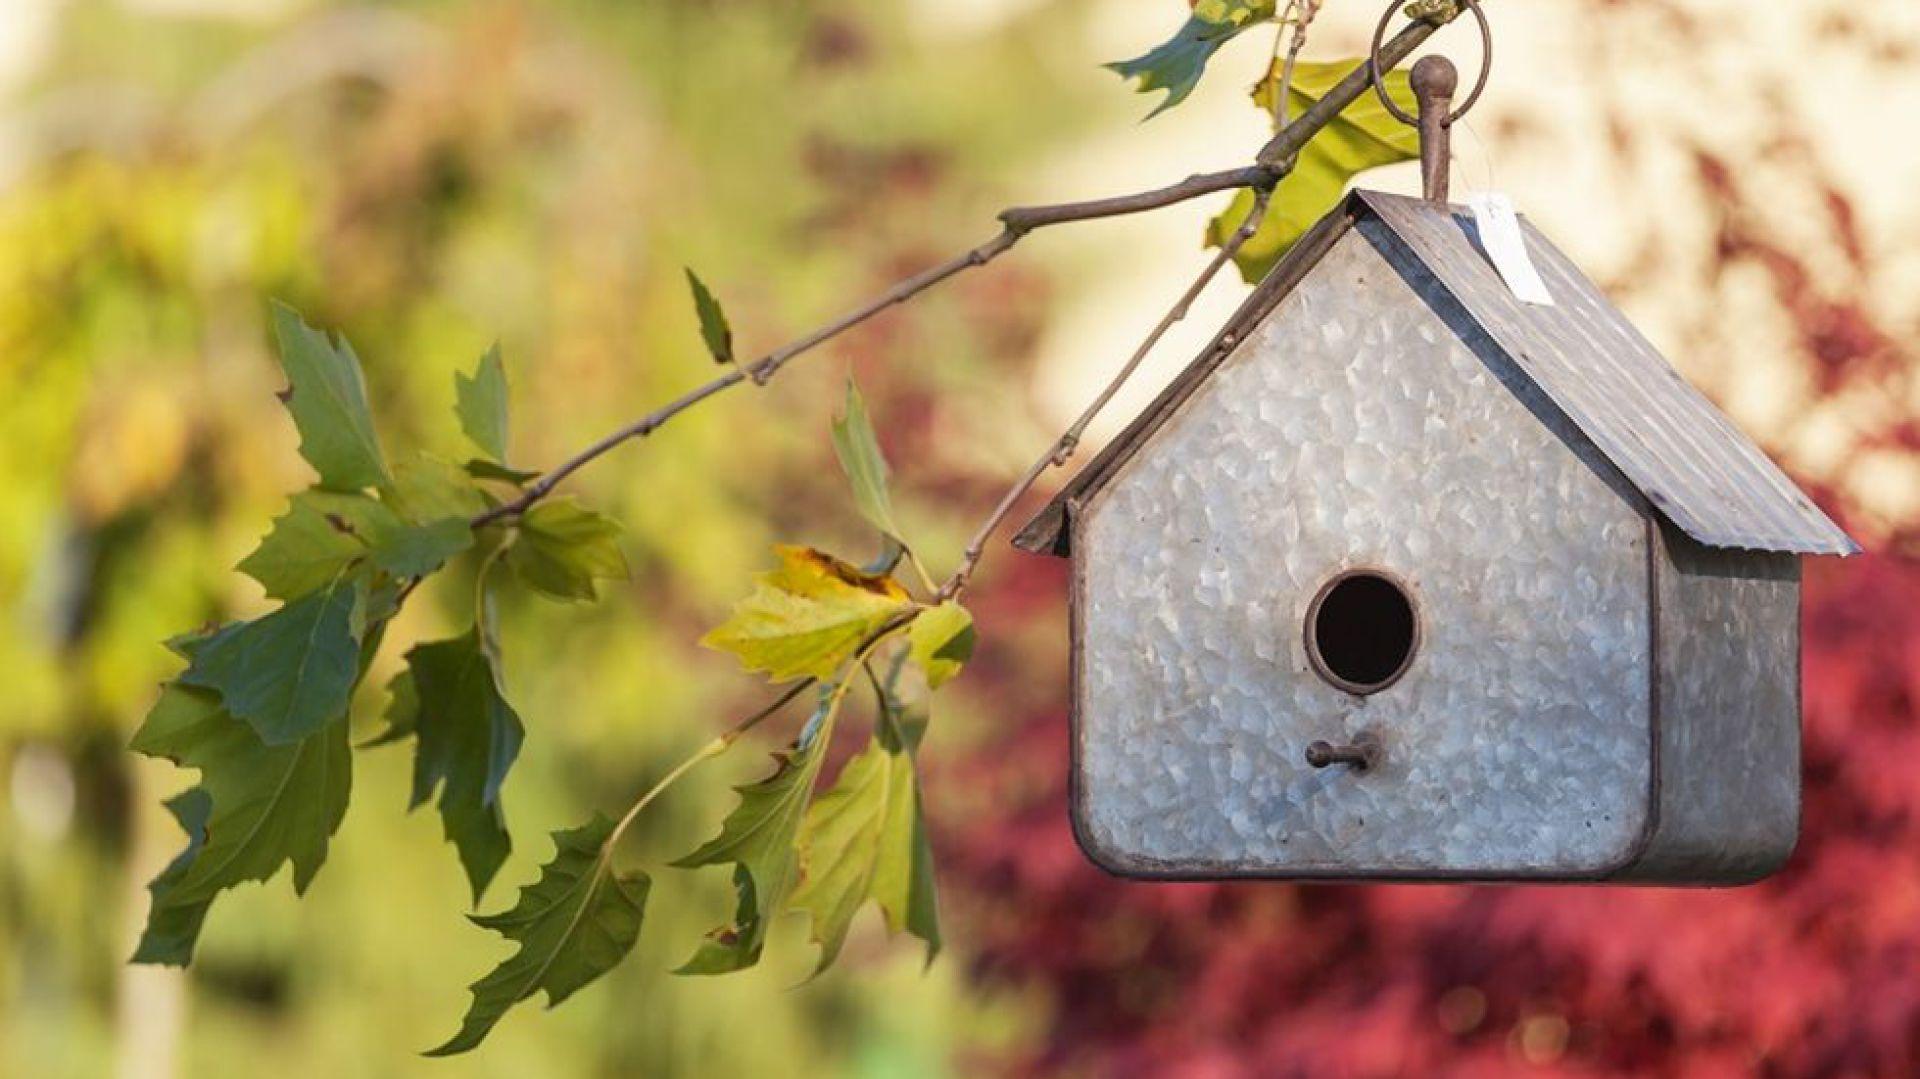 Domek wykonany z metalu zapewni odpowiednie schronienie dla ptaków, jednocześnie stanie się ciekawą dekoracją ogrodu. Wymiary:  33cm x 30cm x 18cm. Fot. Sodo.